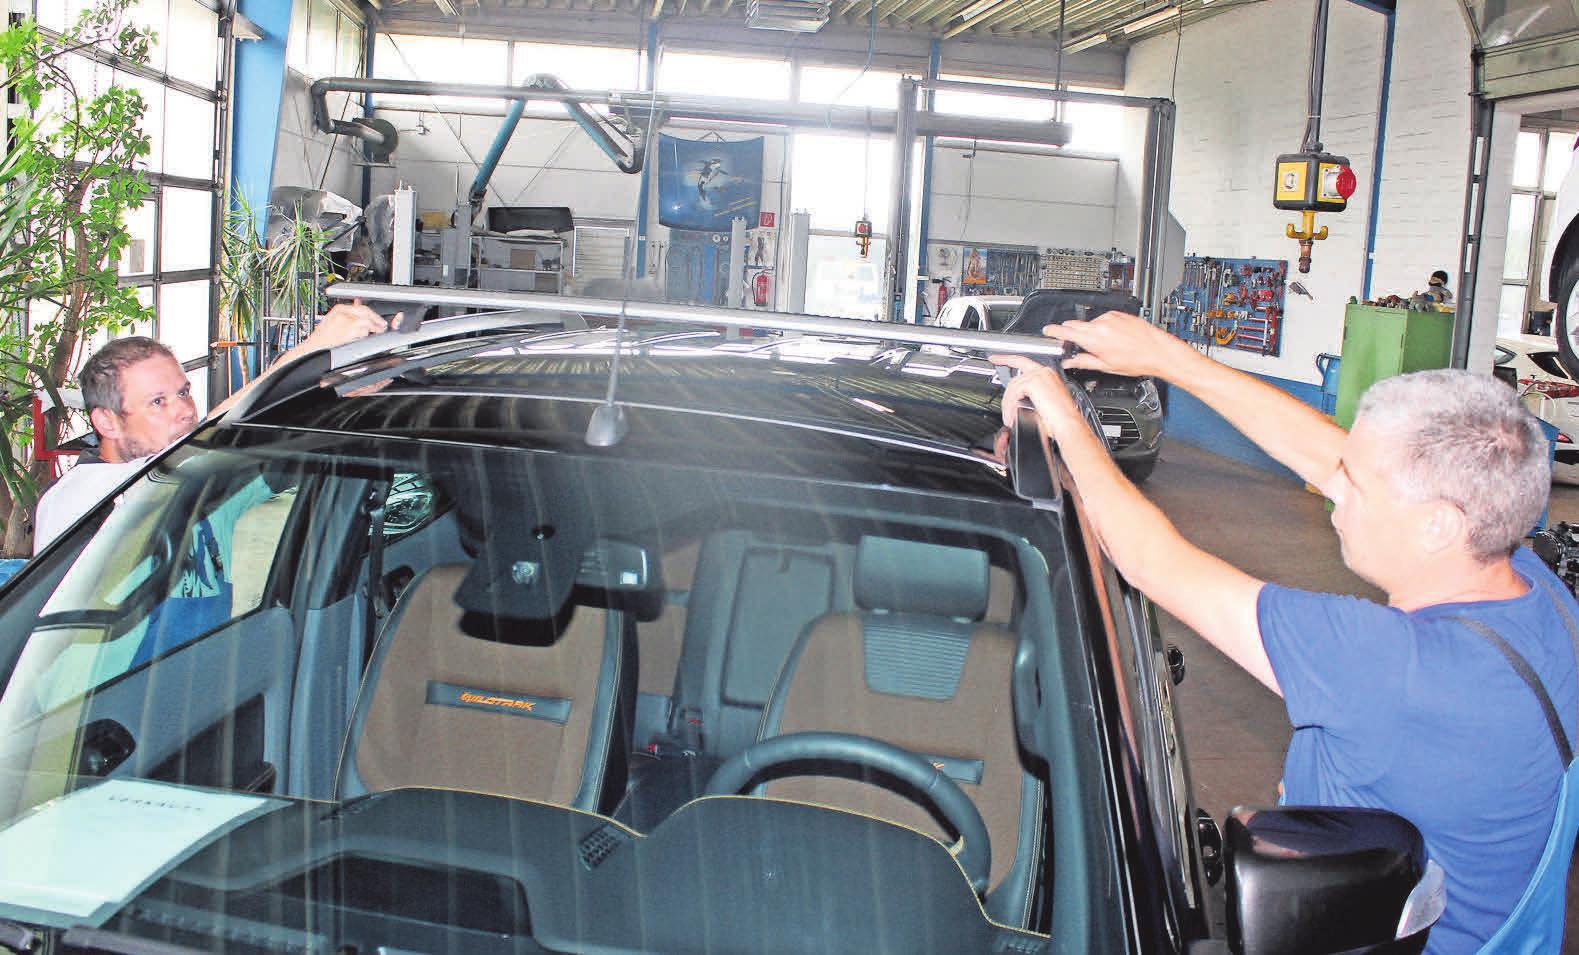 Marco Penack (l.) und Karsten Thiel montieren den Querträger auf das Dach des Fahrzeugs. Auch Dachaufbauten müssen sicher befestigt sein.